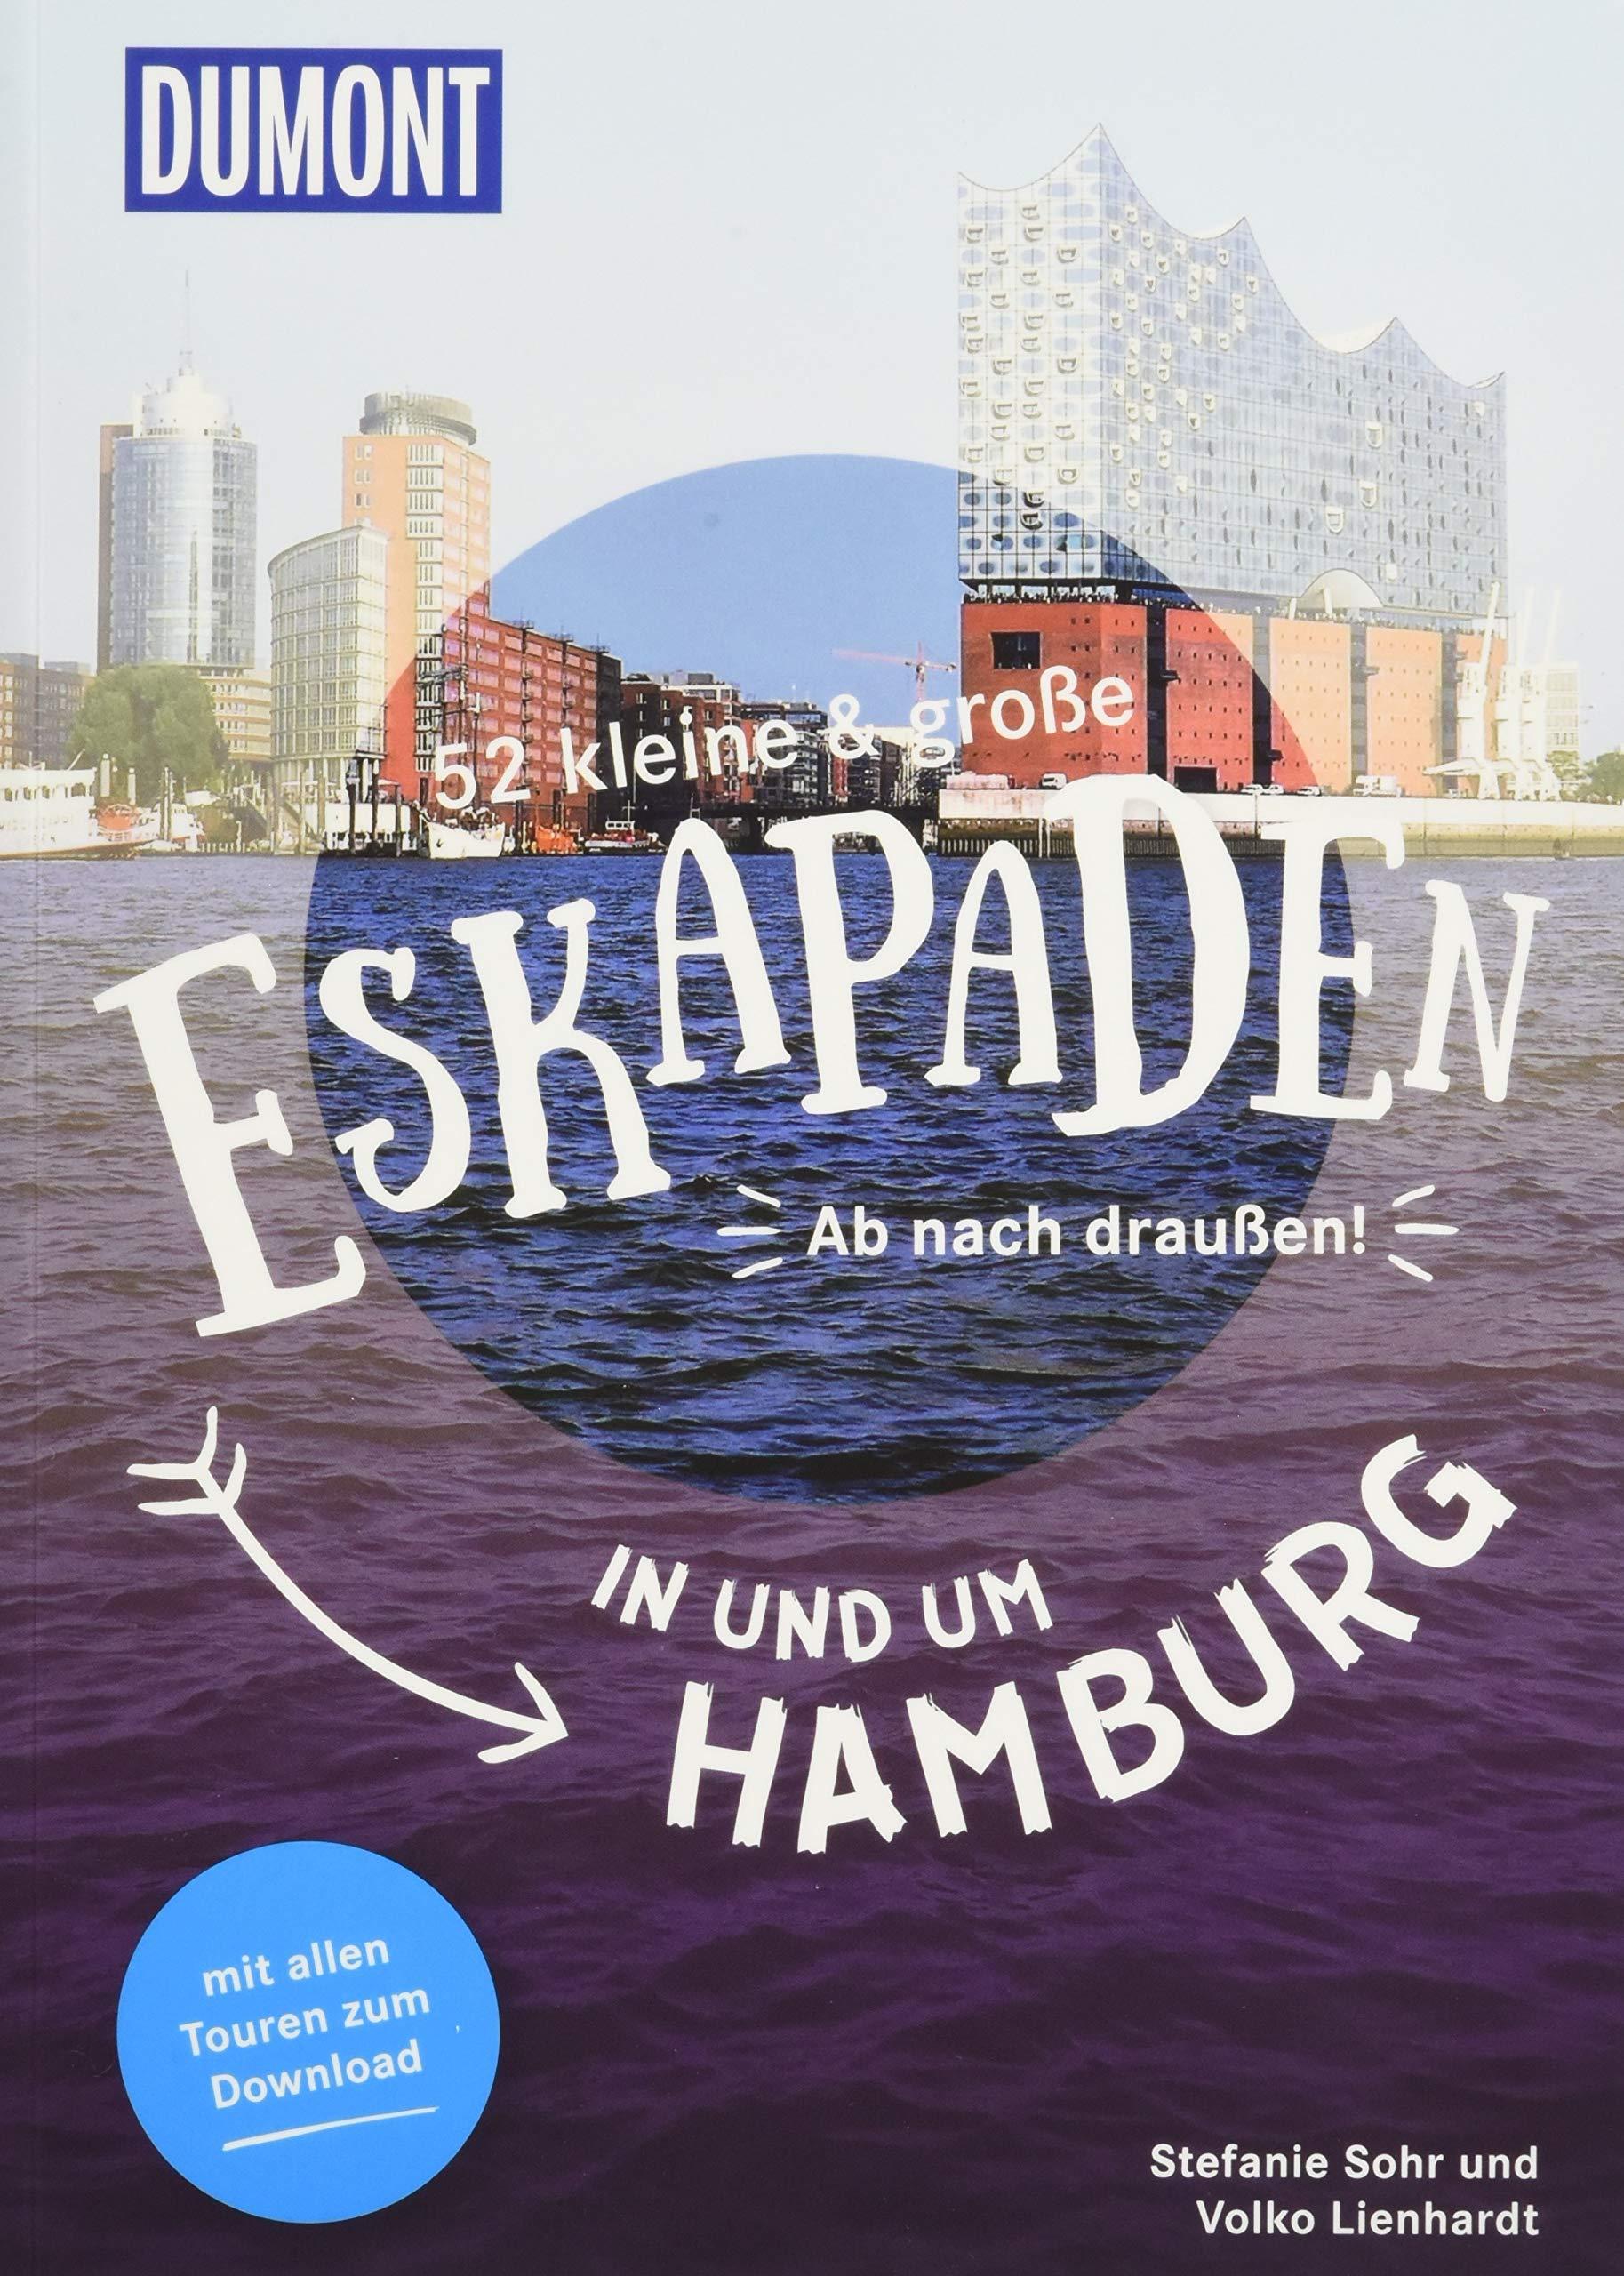 52 Kleine And Große Eskapaden In Und Um Hamburg  Ab Nach Draußen   DuMont Eskapaden